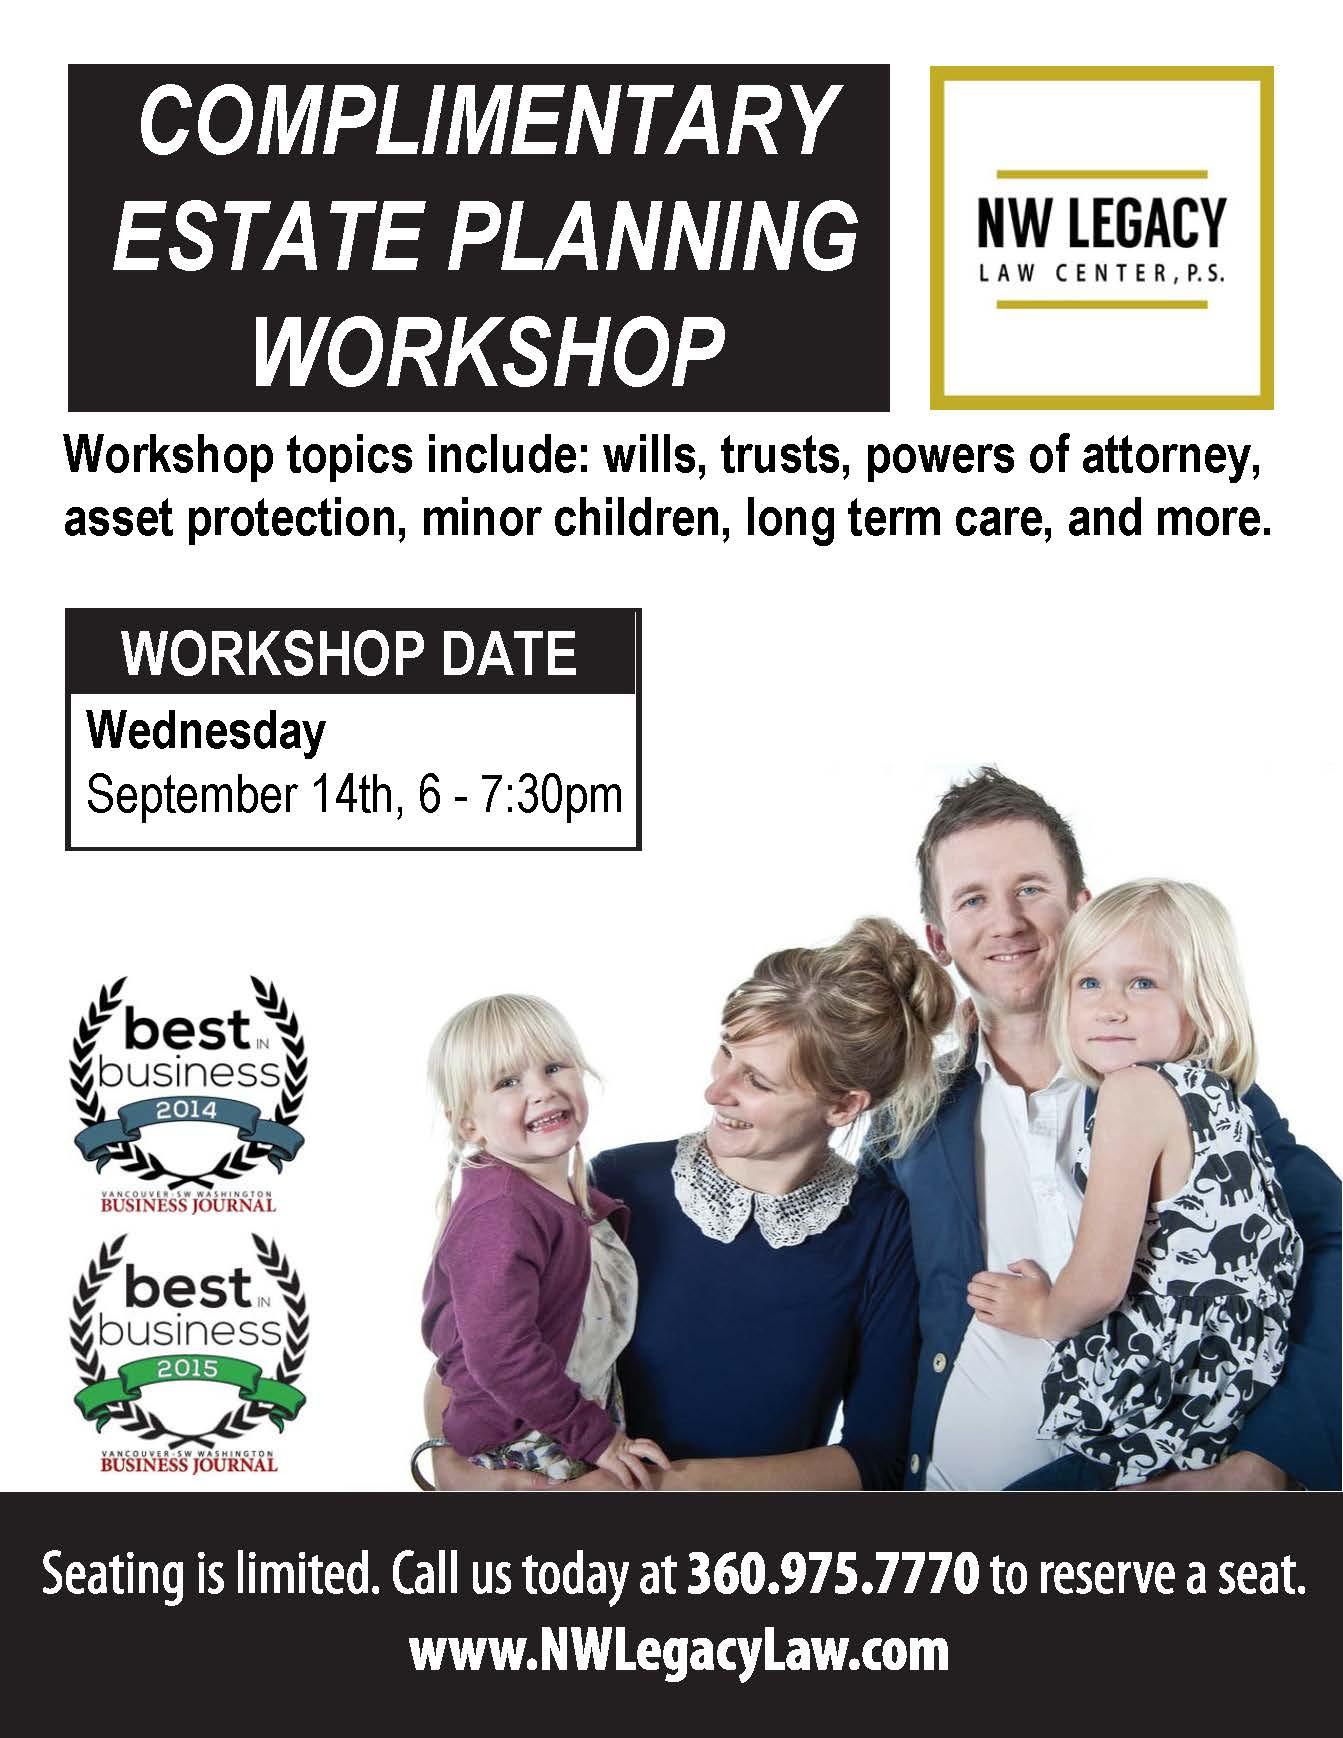 Complimentary estate planning workshop promotional flier